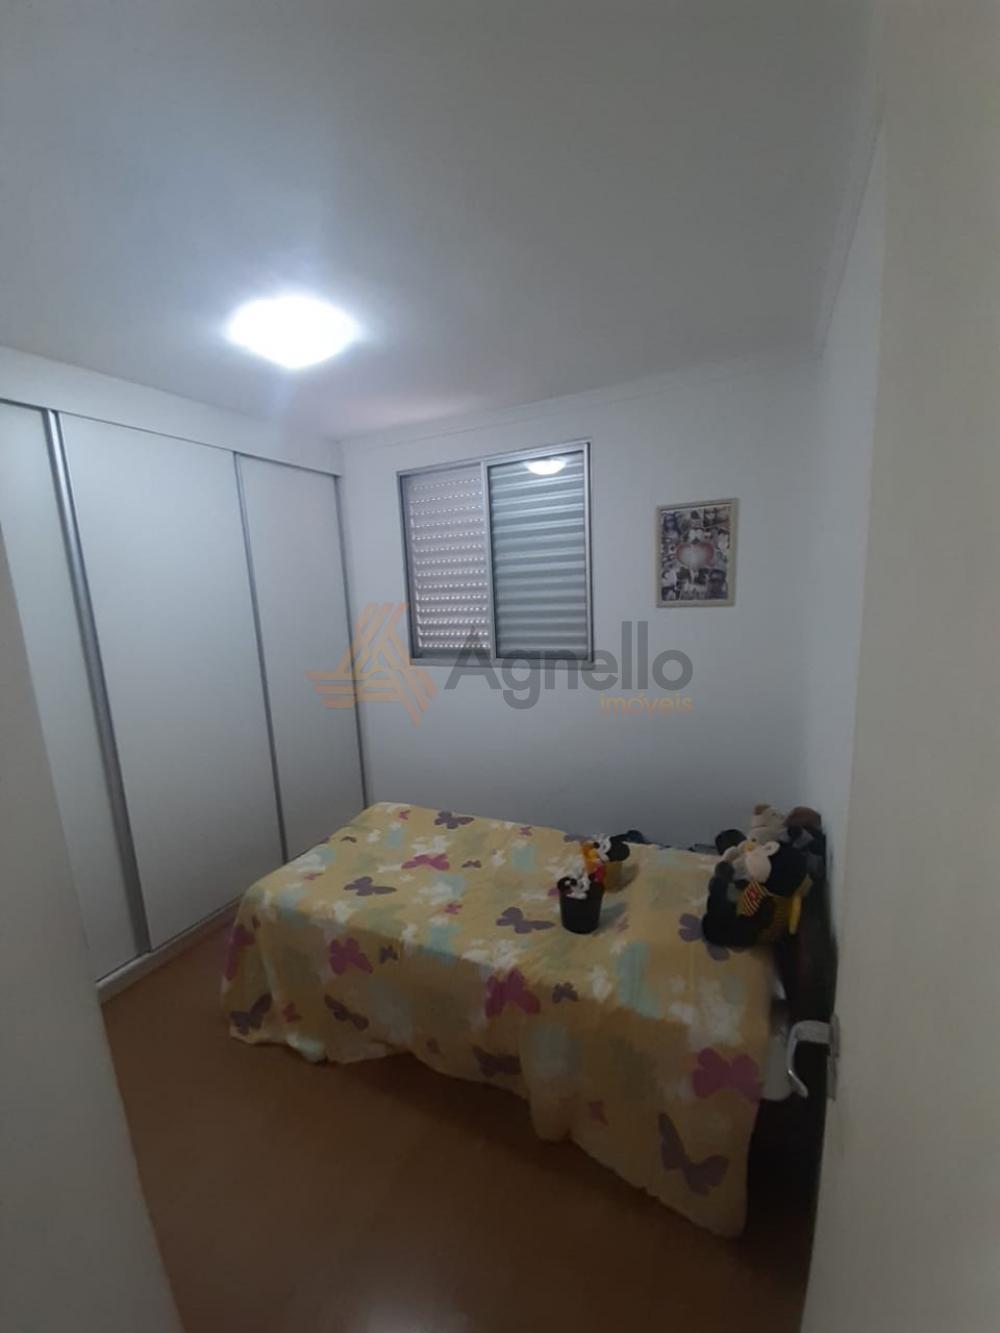 Comprar Apartamento / Padrão em Franca R$ 145.000,00 - Foto 10